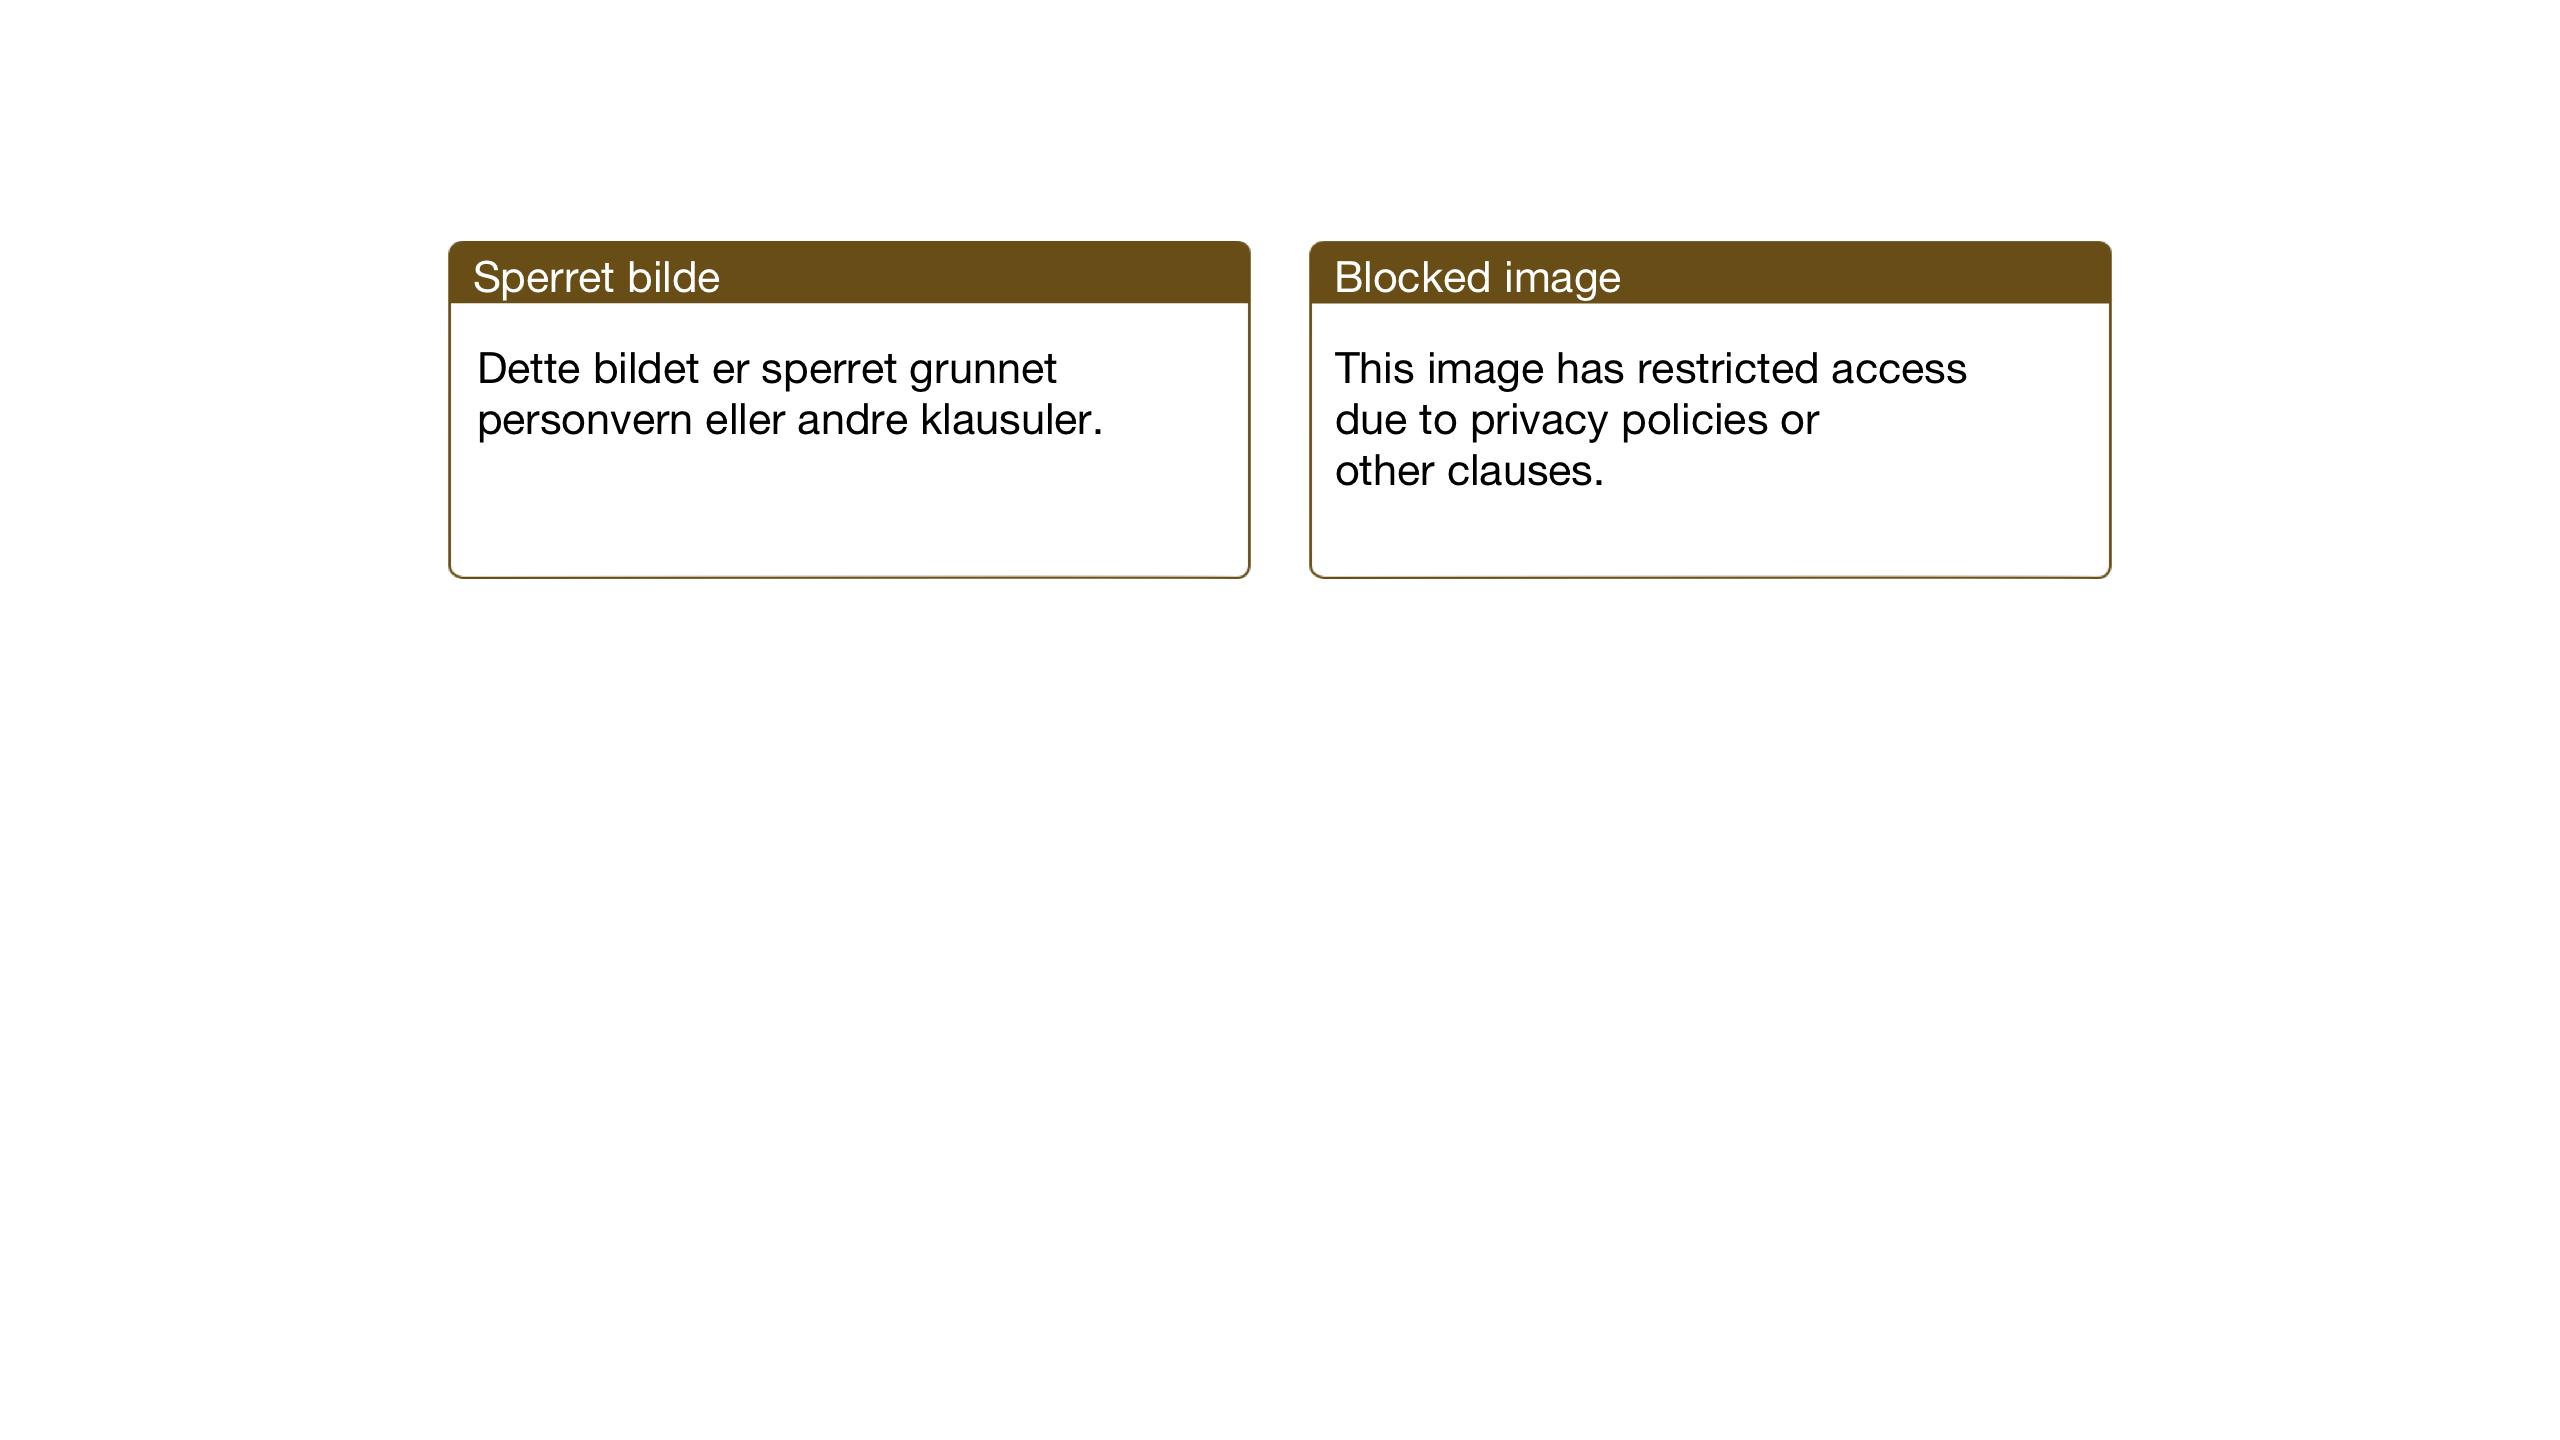 SAT, Ministerialprotokoller, klokkerbøker og fødselsregistre - Sør-Trøndelag, 674/L0878: Klokkerbok nr. 674C05, 1941-1950, s. 135